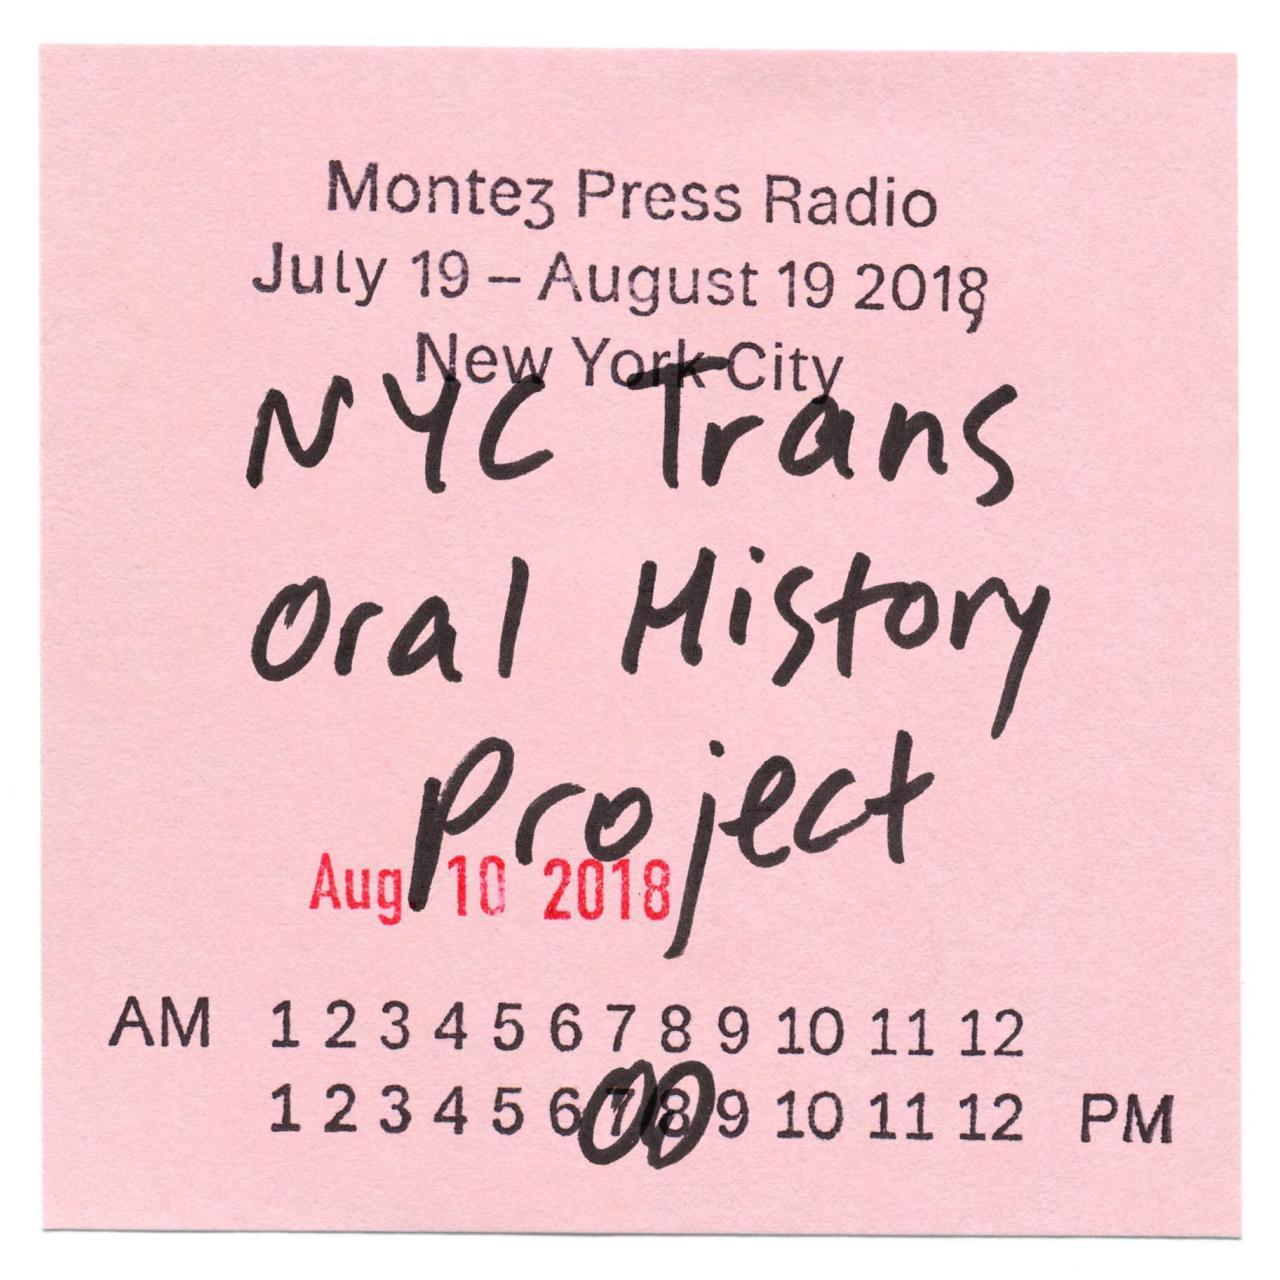 Flyerfor Montez Press Radio